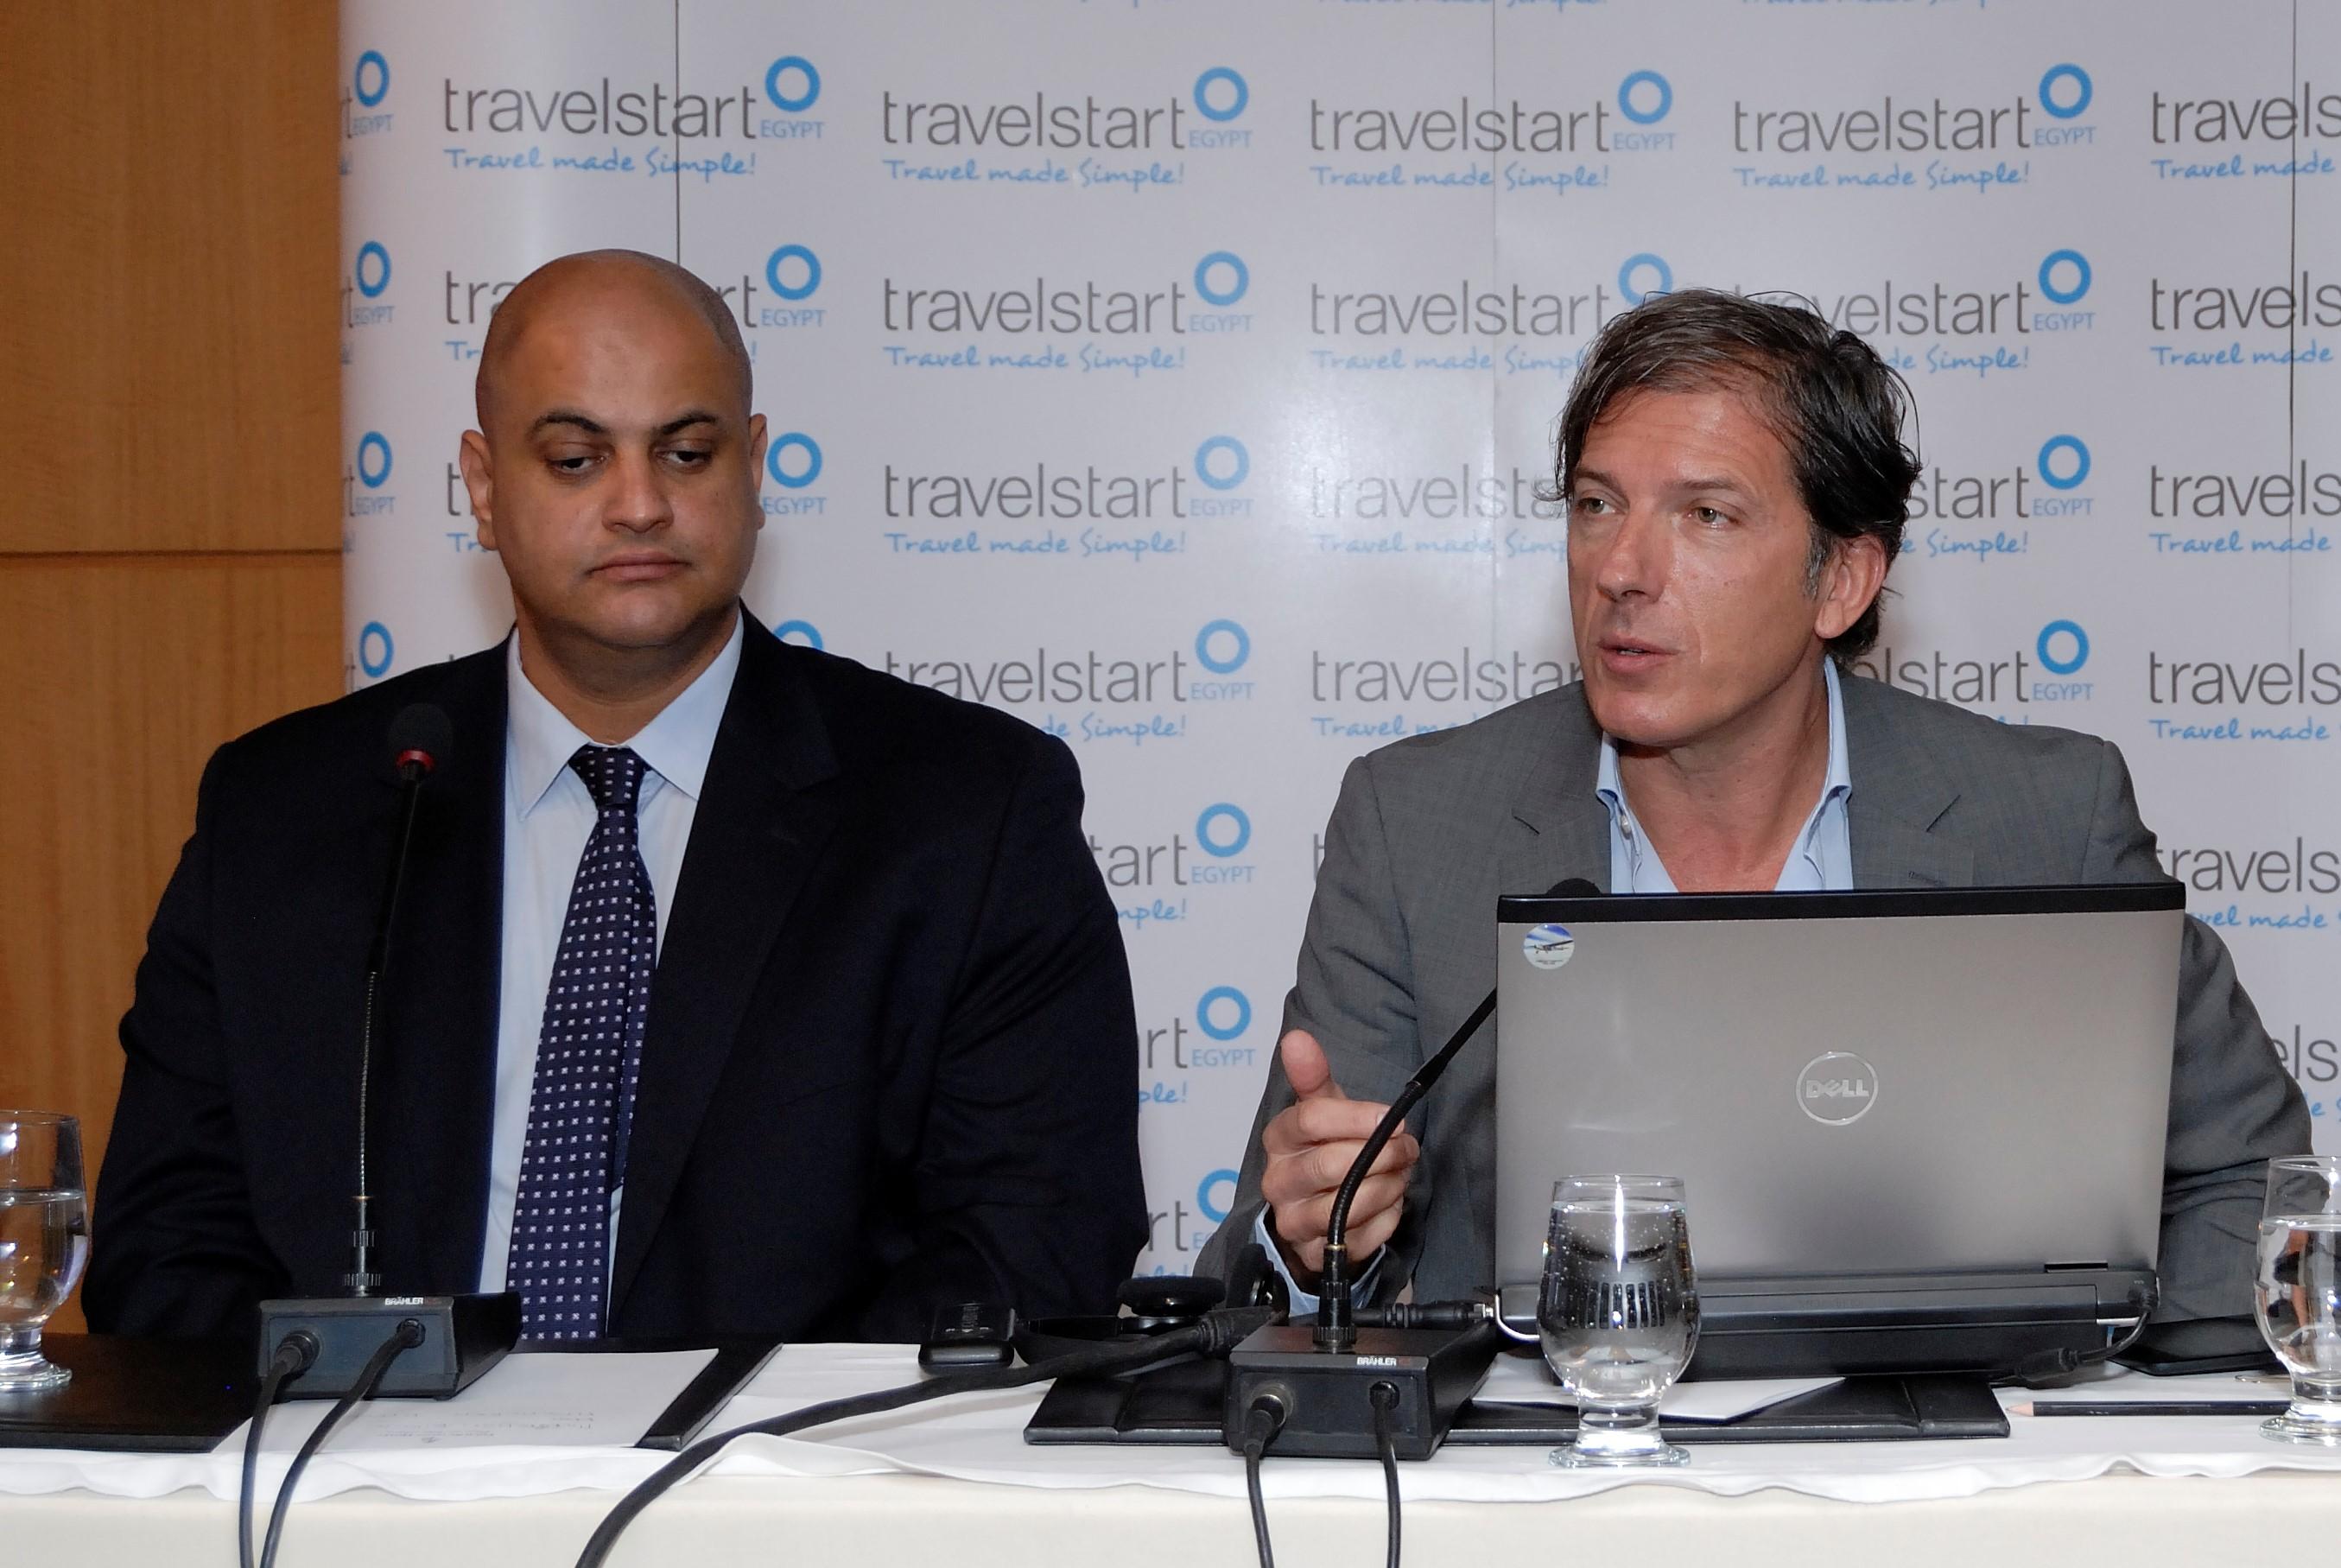 Travelstart_CEO_Stephan Ekbergh_and_Ahmed Saad